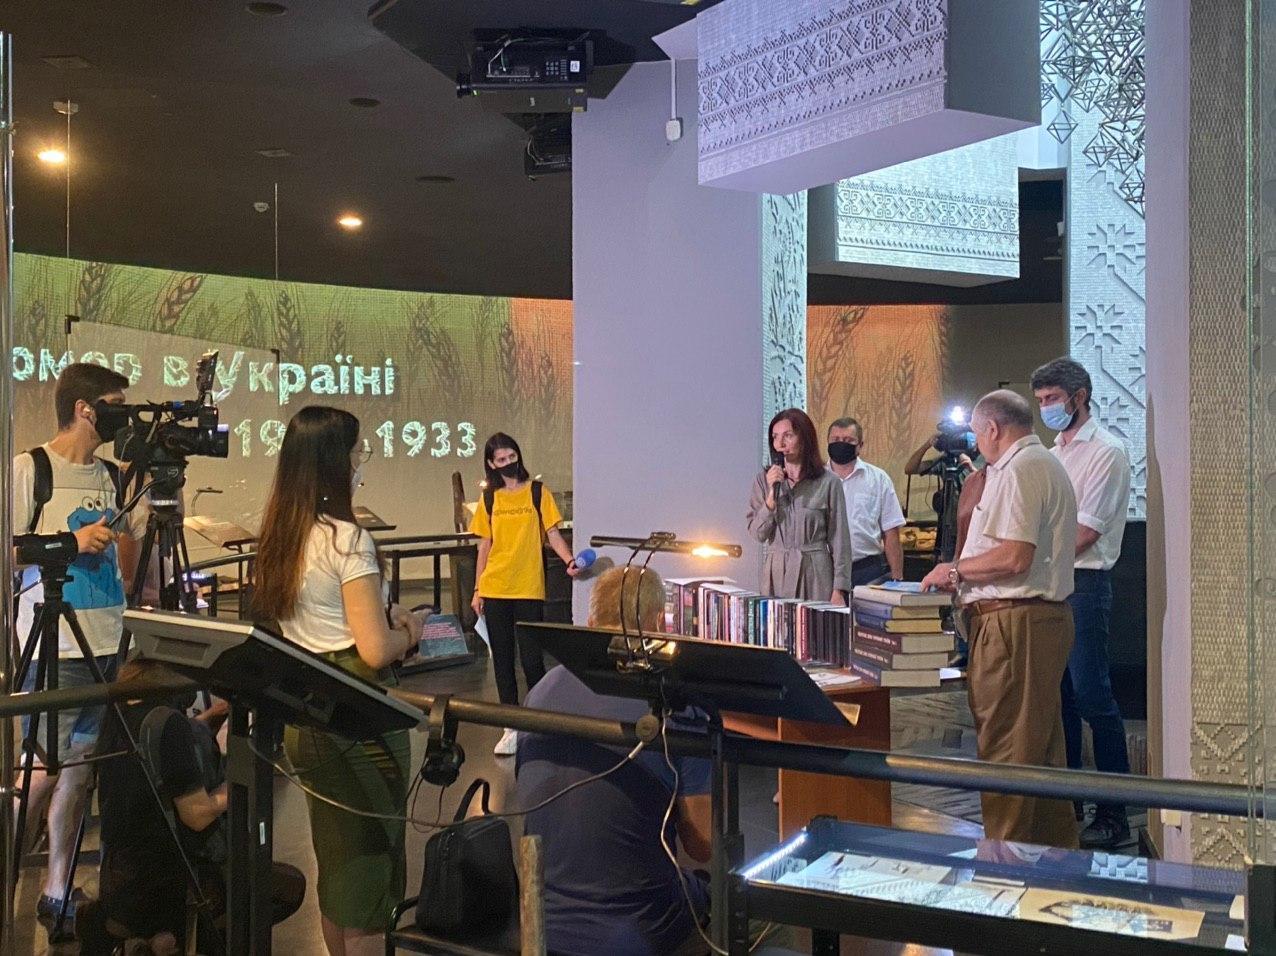 На фото зображені люди, які стоять у центрі зали пам'яті Музею Голодомору. Людей знімають ЗМІ, які завітали до